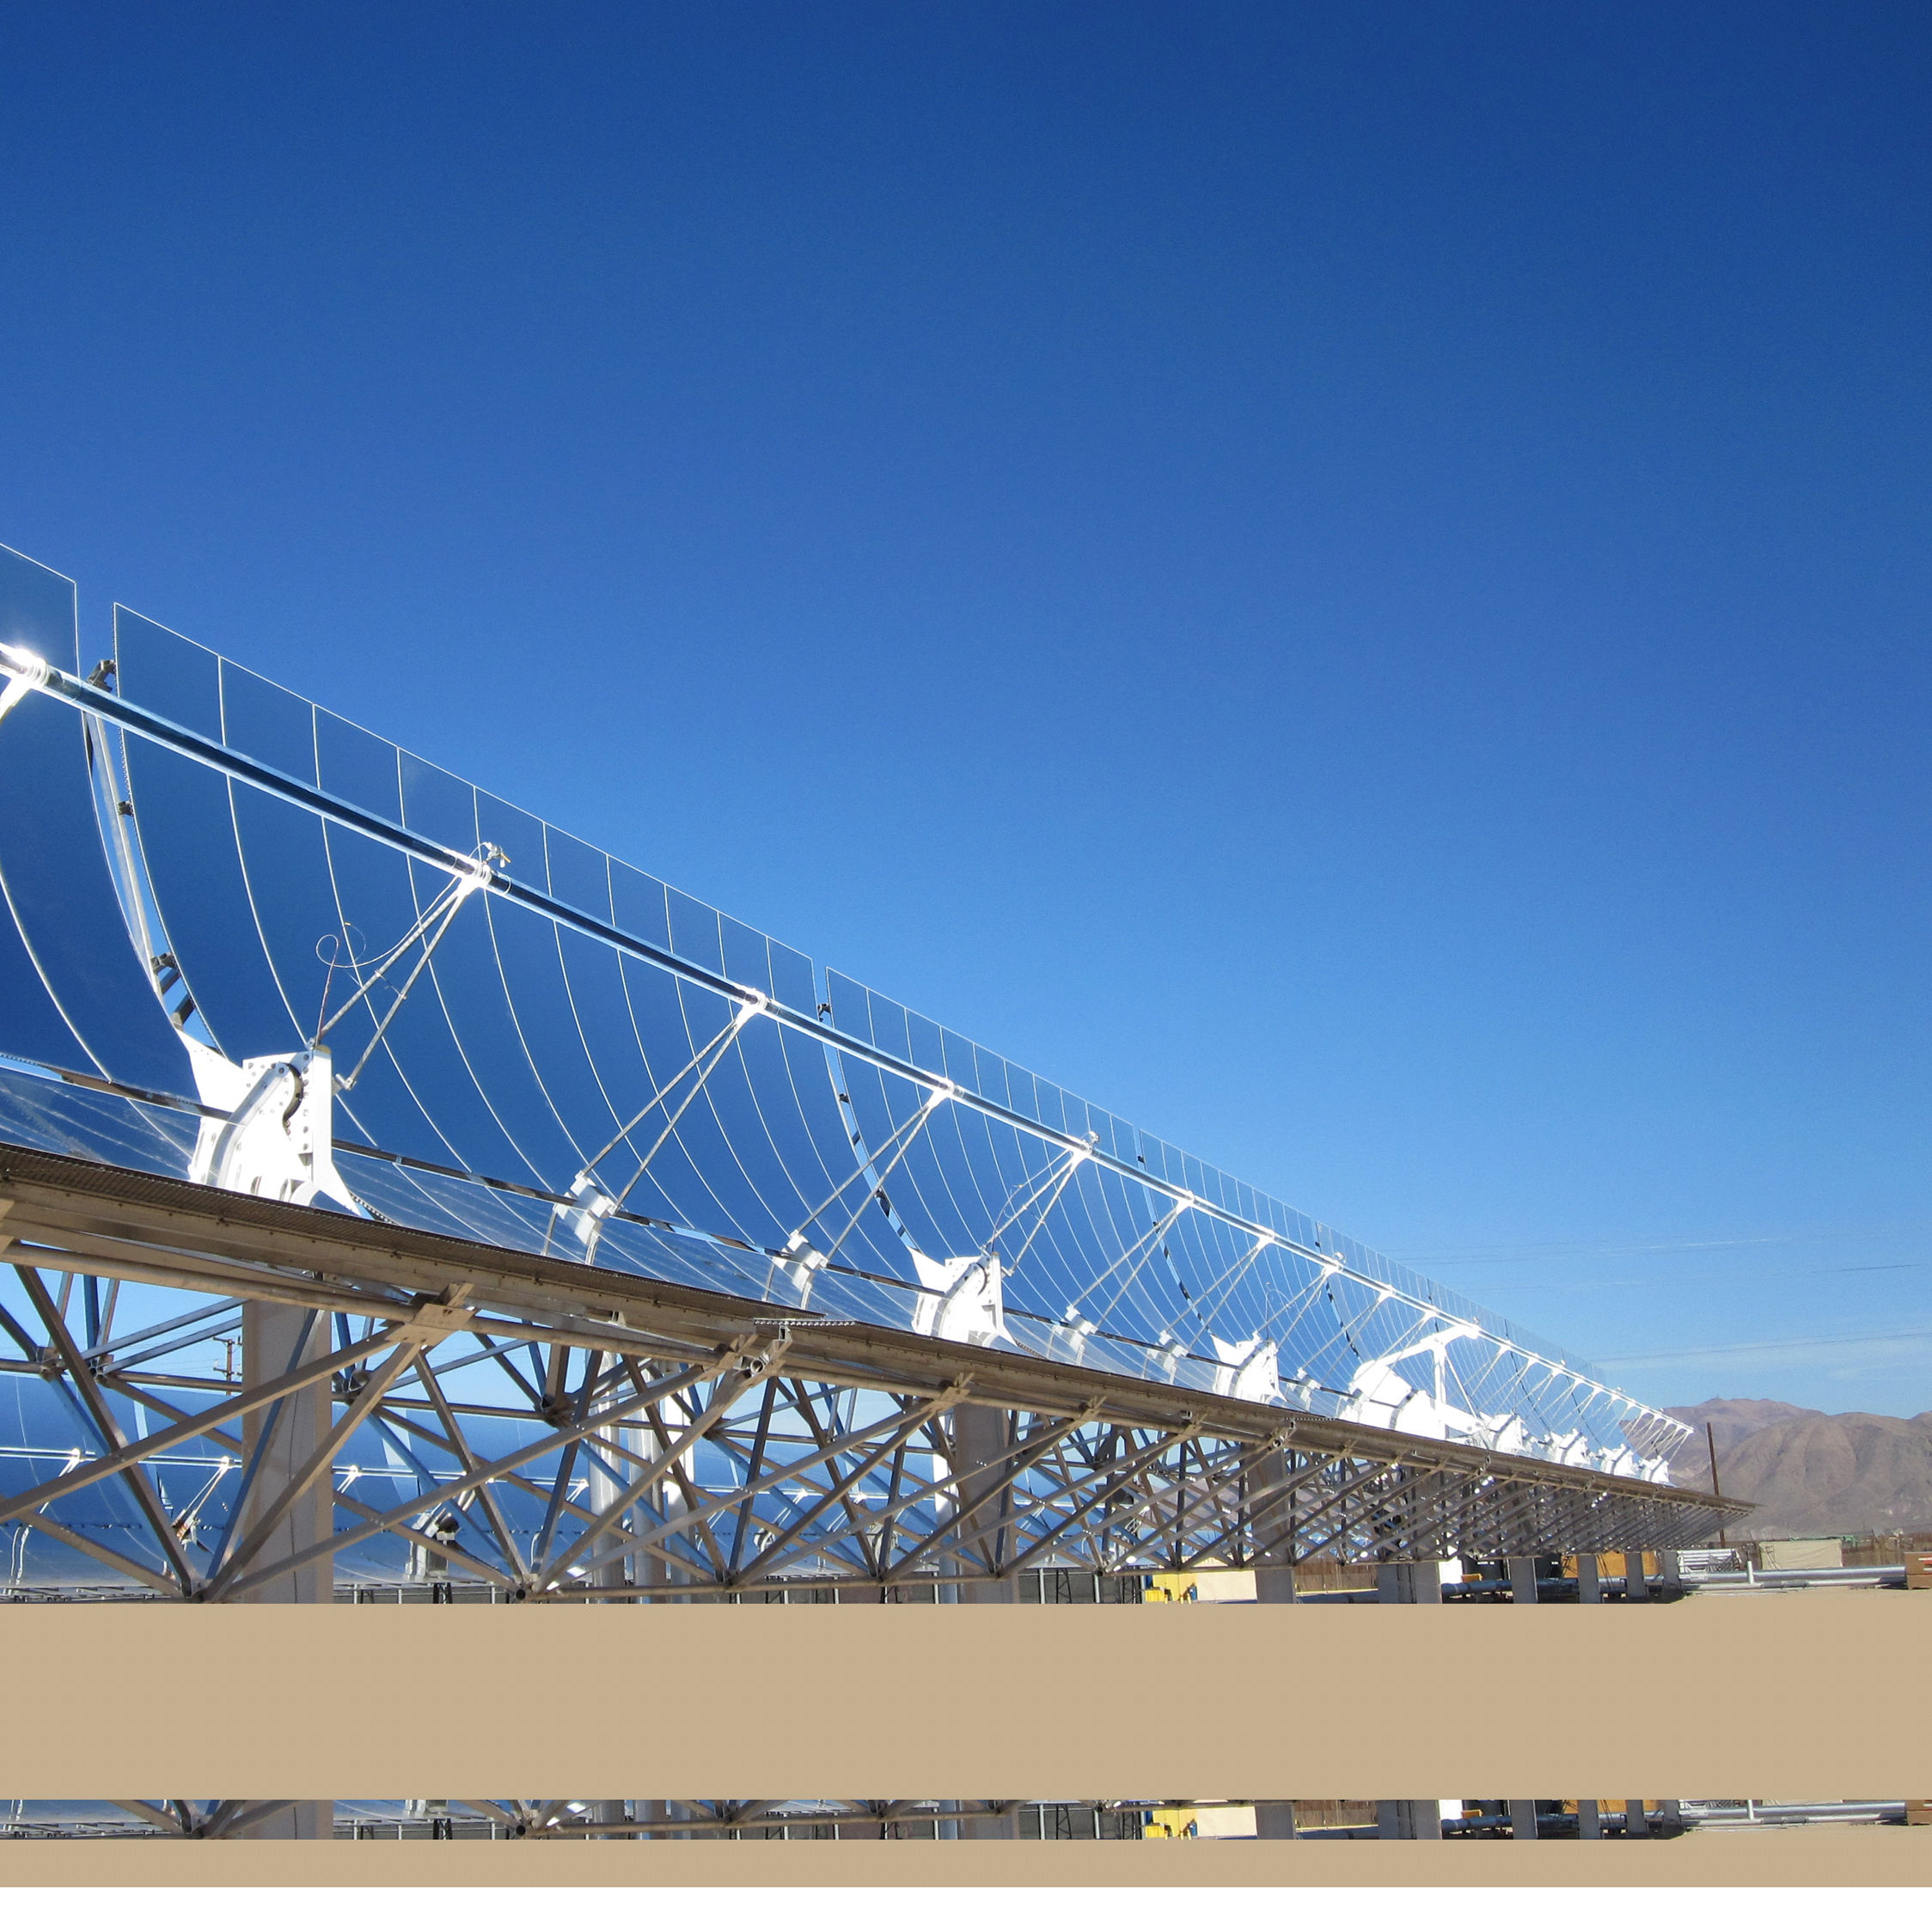 В Дубае запущен проект крупнейшей в мире электростанции с солнечным коллектором, сообщает эмиратское